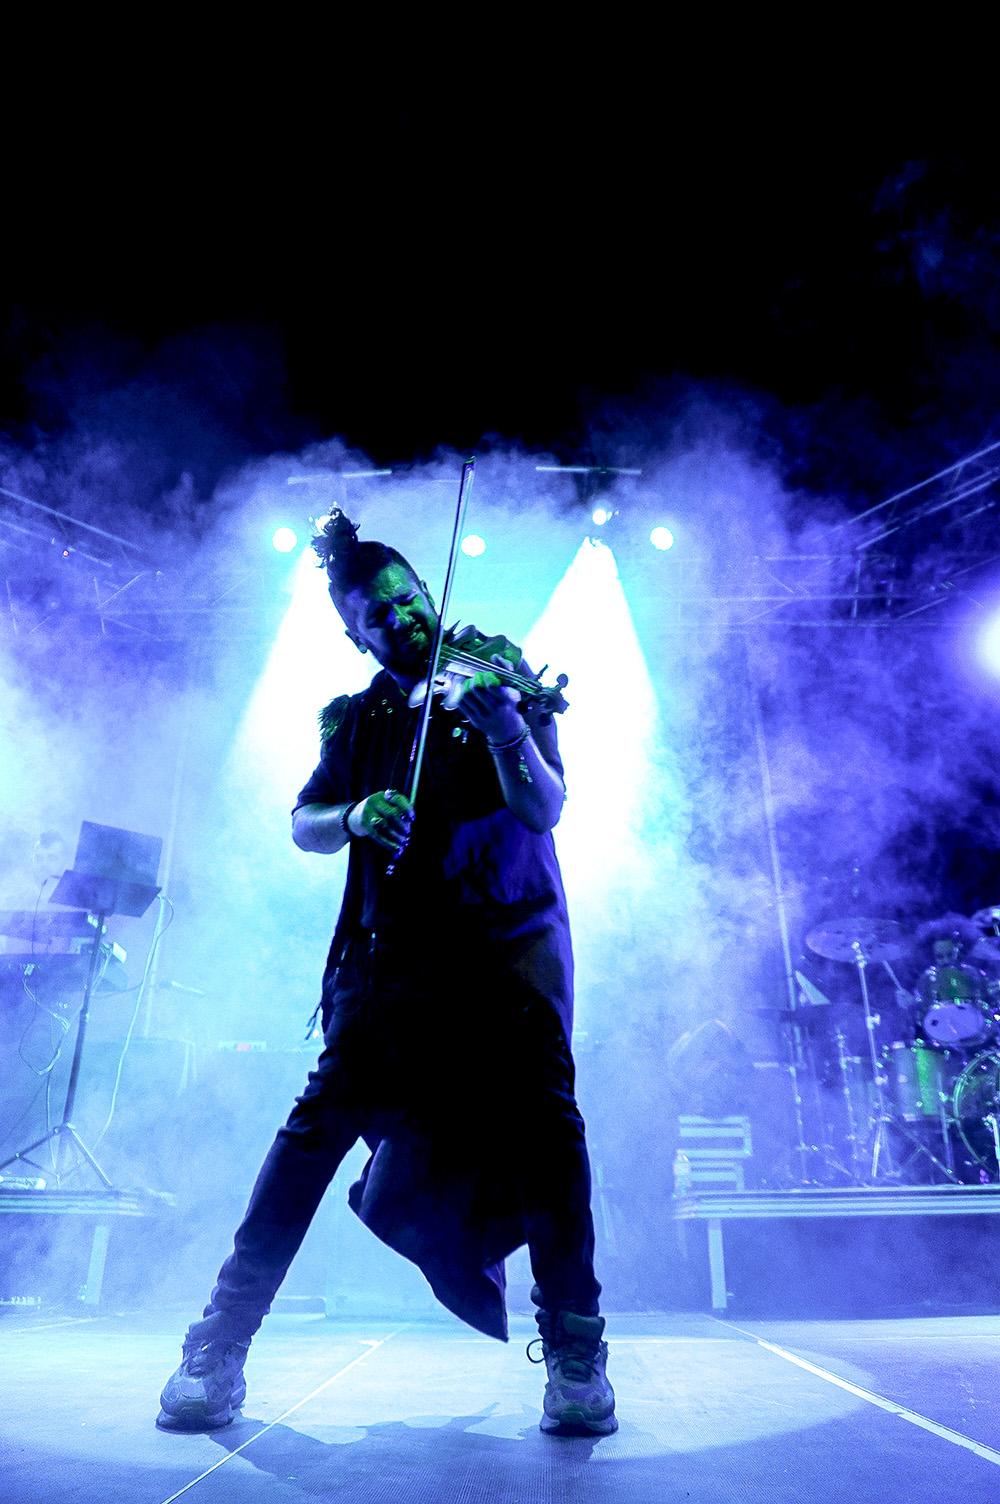 lidera su propio proyecto. STRAD es una banda con un espectáculo potente, que invita a todo el mundo que asista a él a disfrutar y a ser libre